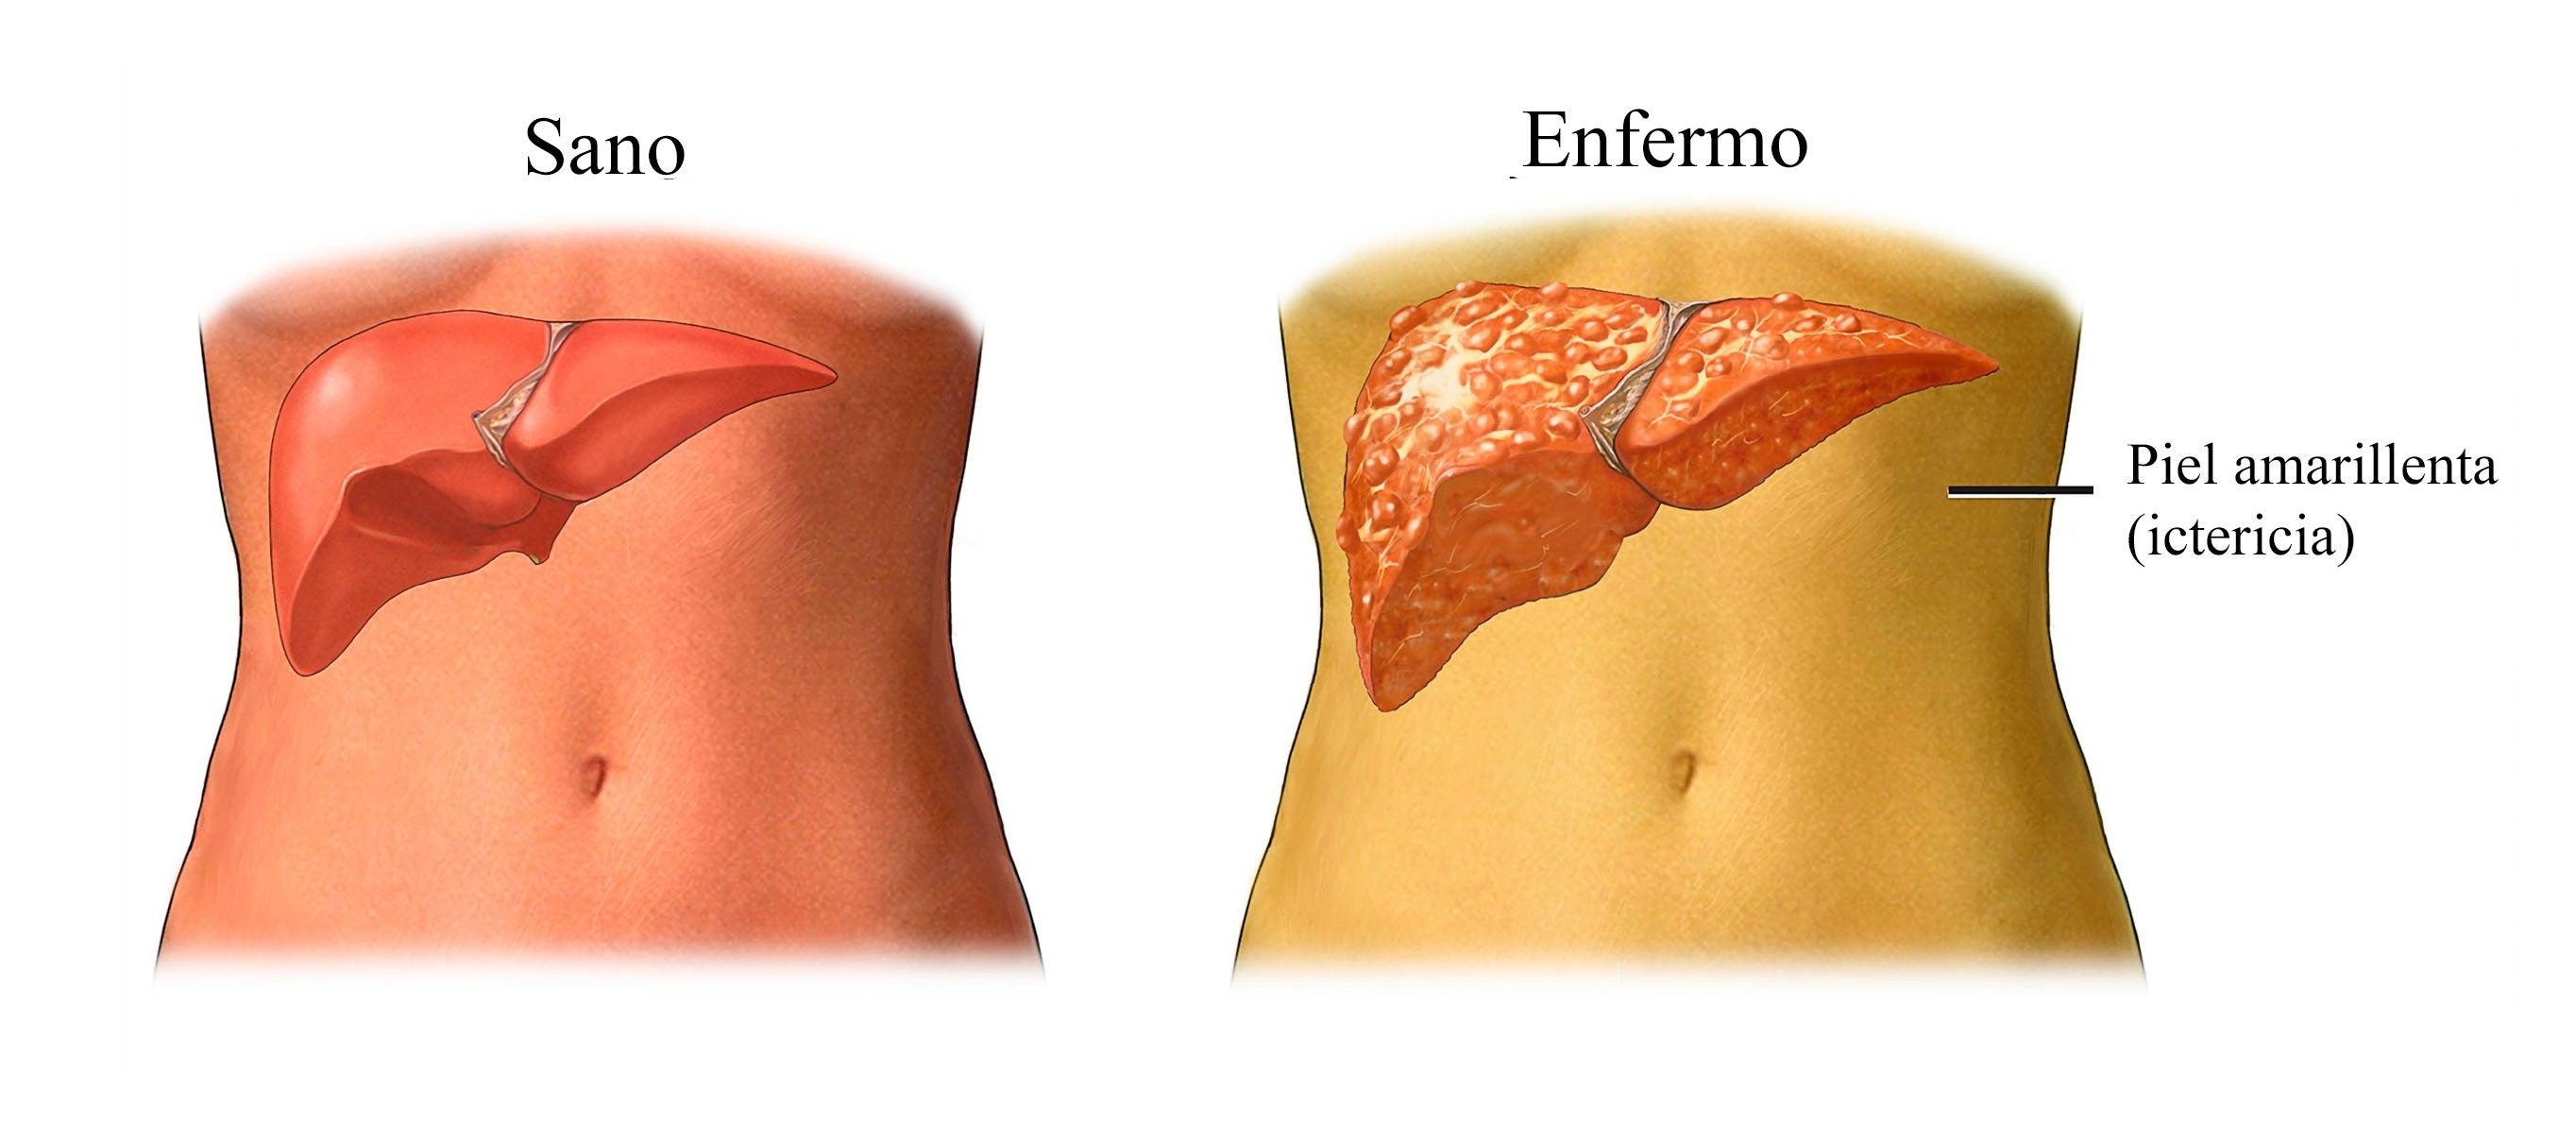 Comparación con un hígado inflamado